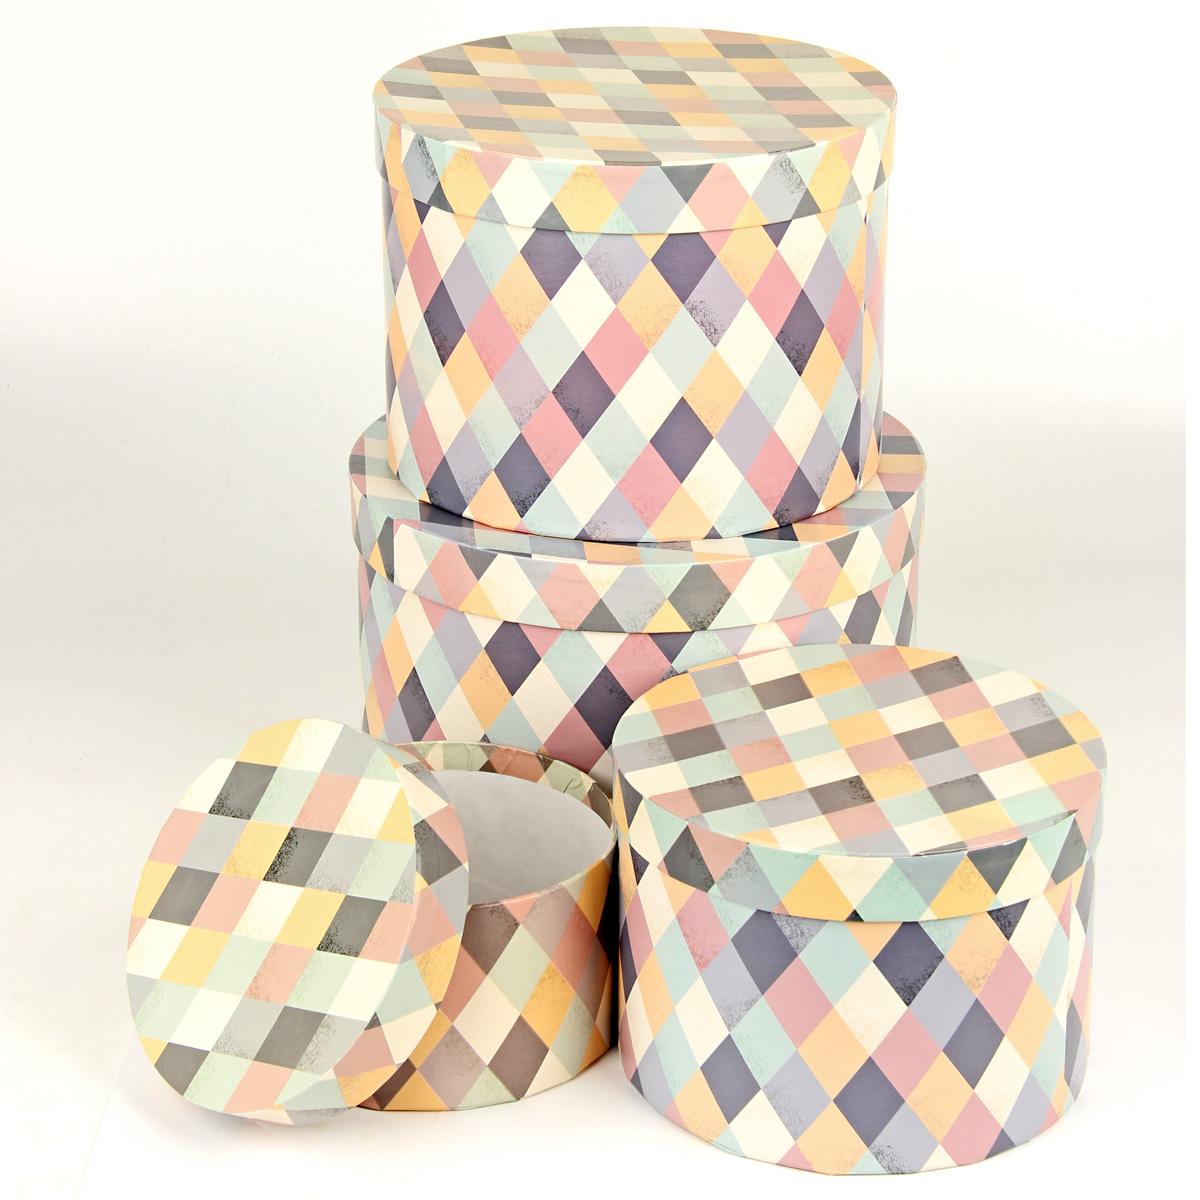 Набор подарочных коробок Veld-Co Пастельная мозаика, круглые, 4 шт. 67692 набор подарочных коробок veld co миром правит доброта 15 шт